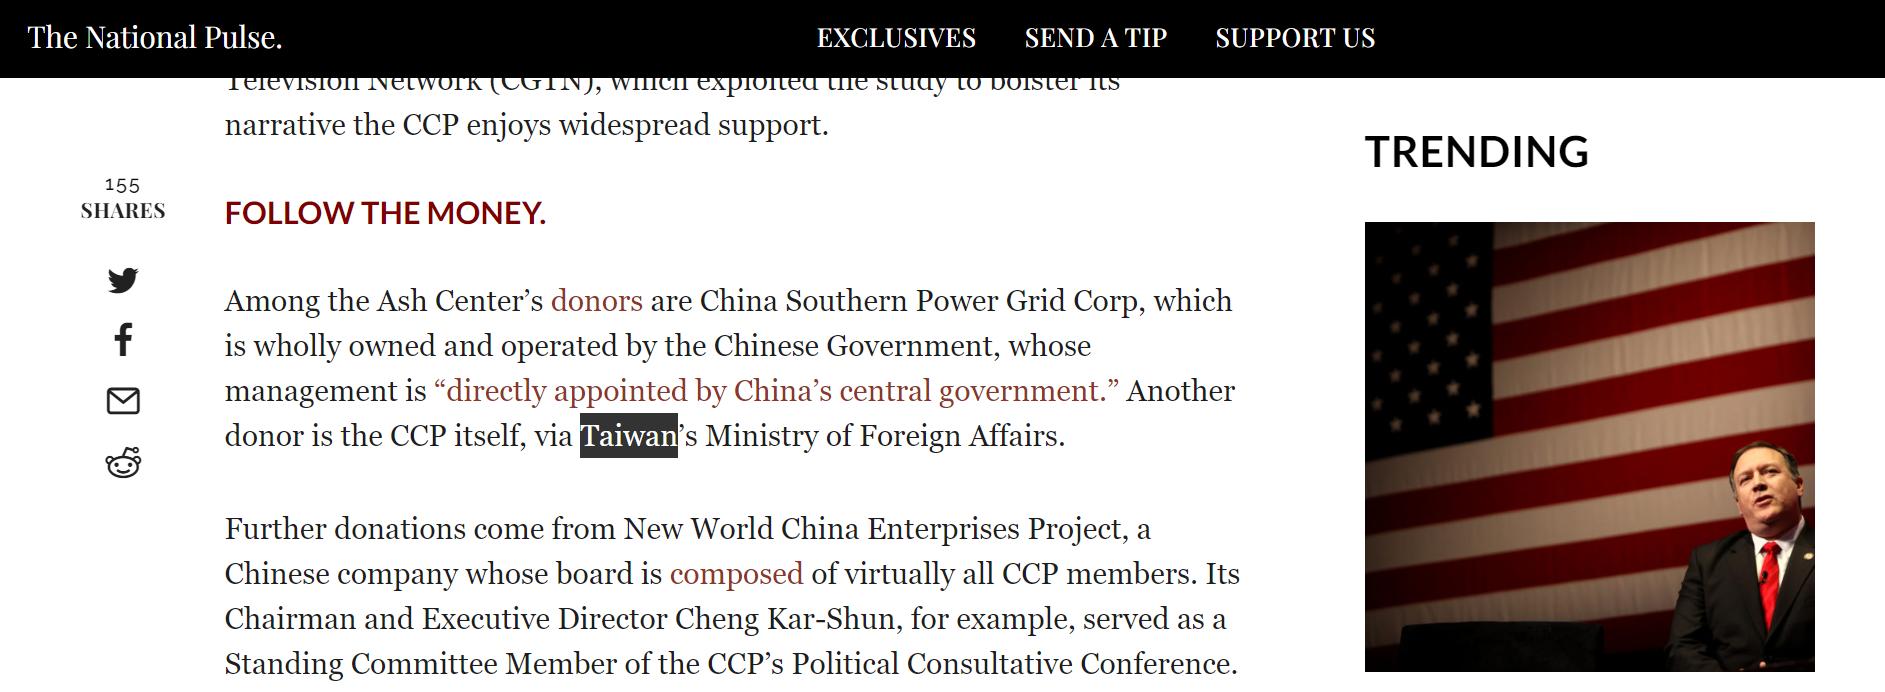 美國極右網媒《國家脈動》誤把中華民國外交部當成中共捐款管道,該句子已被刪除(翻攝網路)